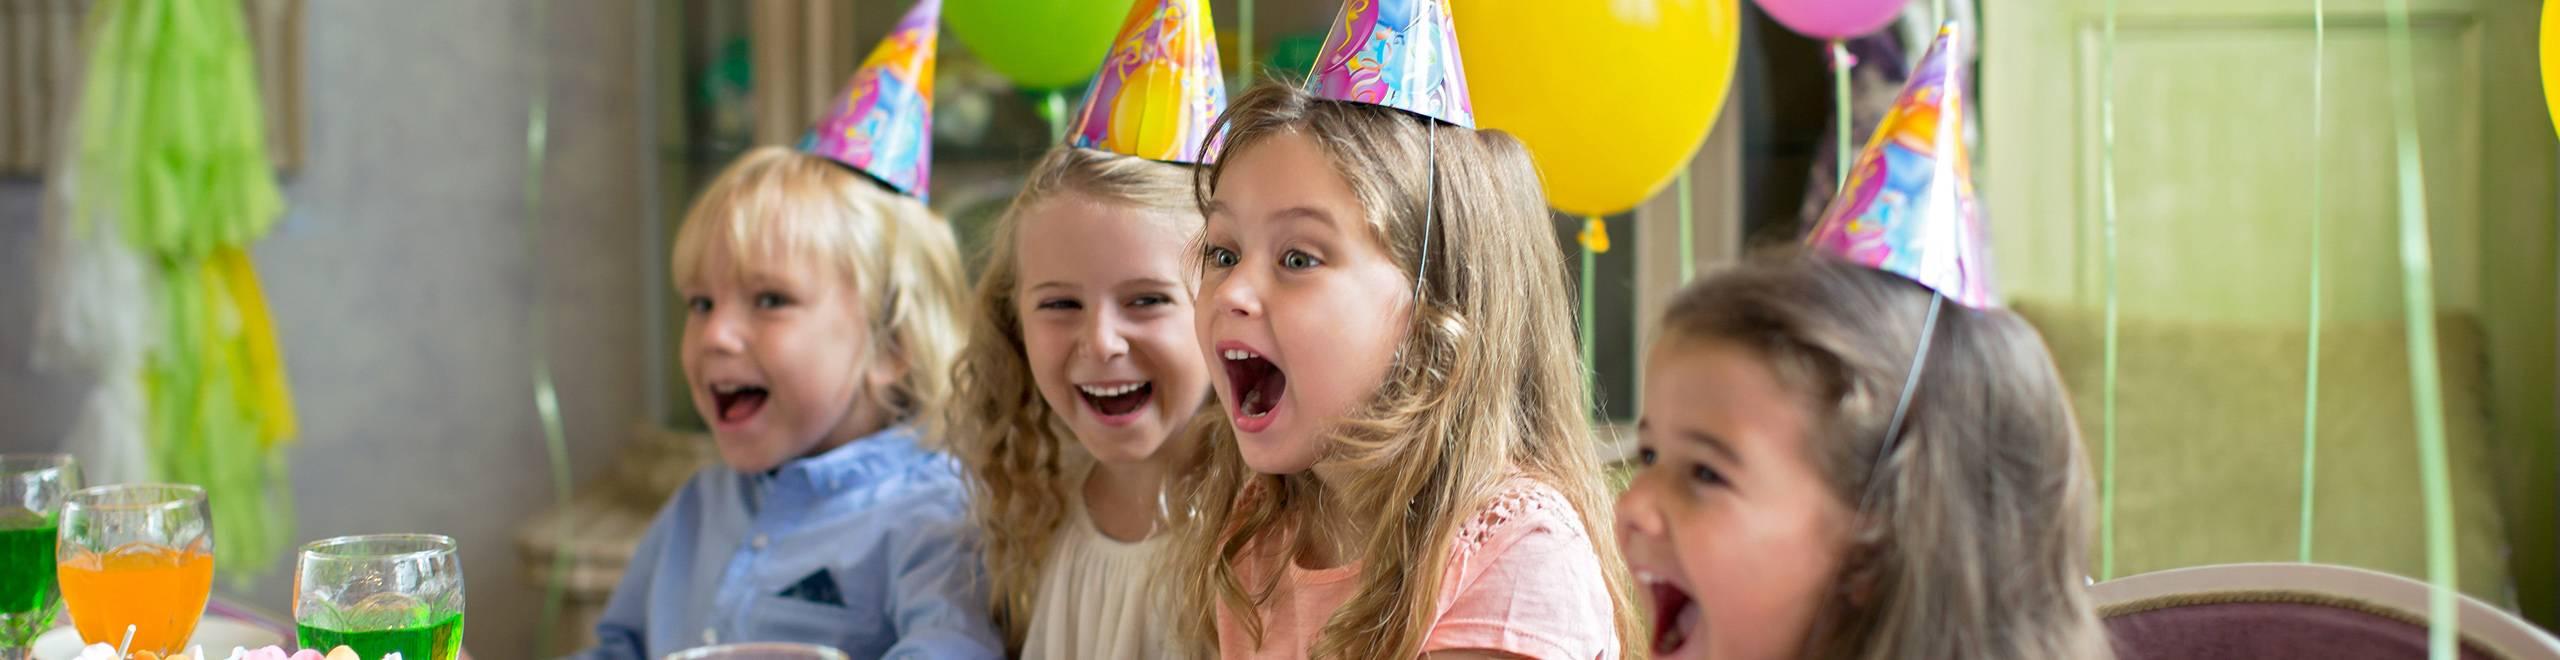 День рождения ребенка космик